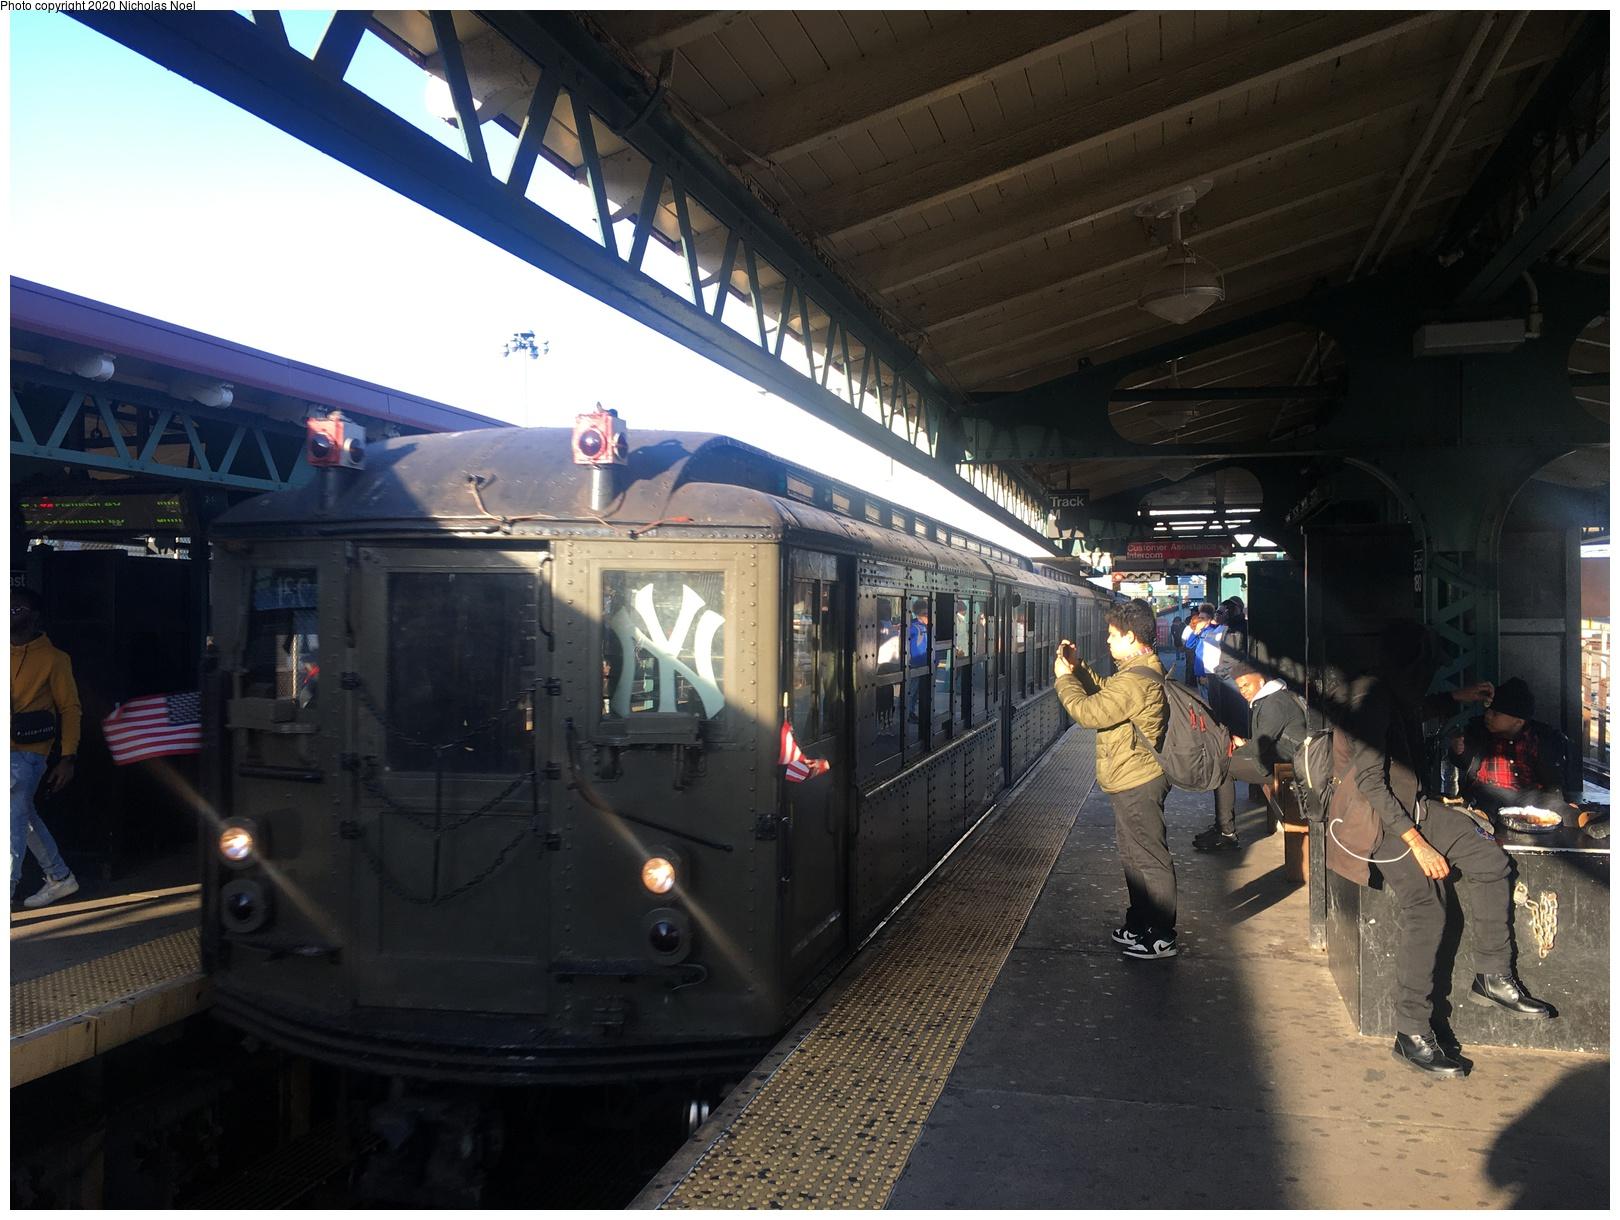 (619k, 1620x1220)<br><b>Country:</b> United States<br><b>City:</b> New York<br><b>System:</b> New York City Transit<br><b>Line:</b> IRT White Plains Road Line<br><b>Location:</b> East 180th Street<br><b>Route:</b> Museum Train Service<br><b>Car:</b> Low-V (Museum Train) 5443 <br><b>Photo by:</b> Nicholas Noel<br><b>Date:</b> 10/18/2019<br><b>Viewed (this week/total):</b> 0 / 253